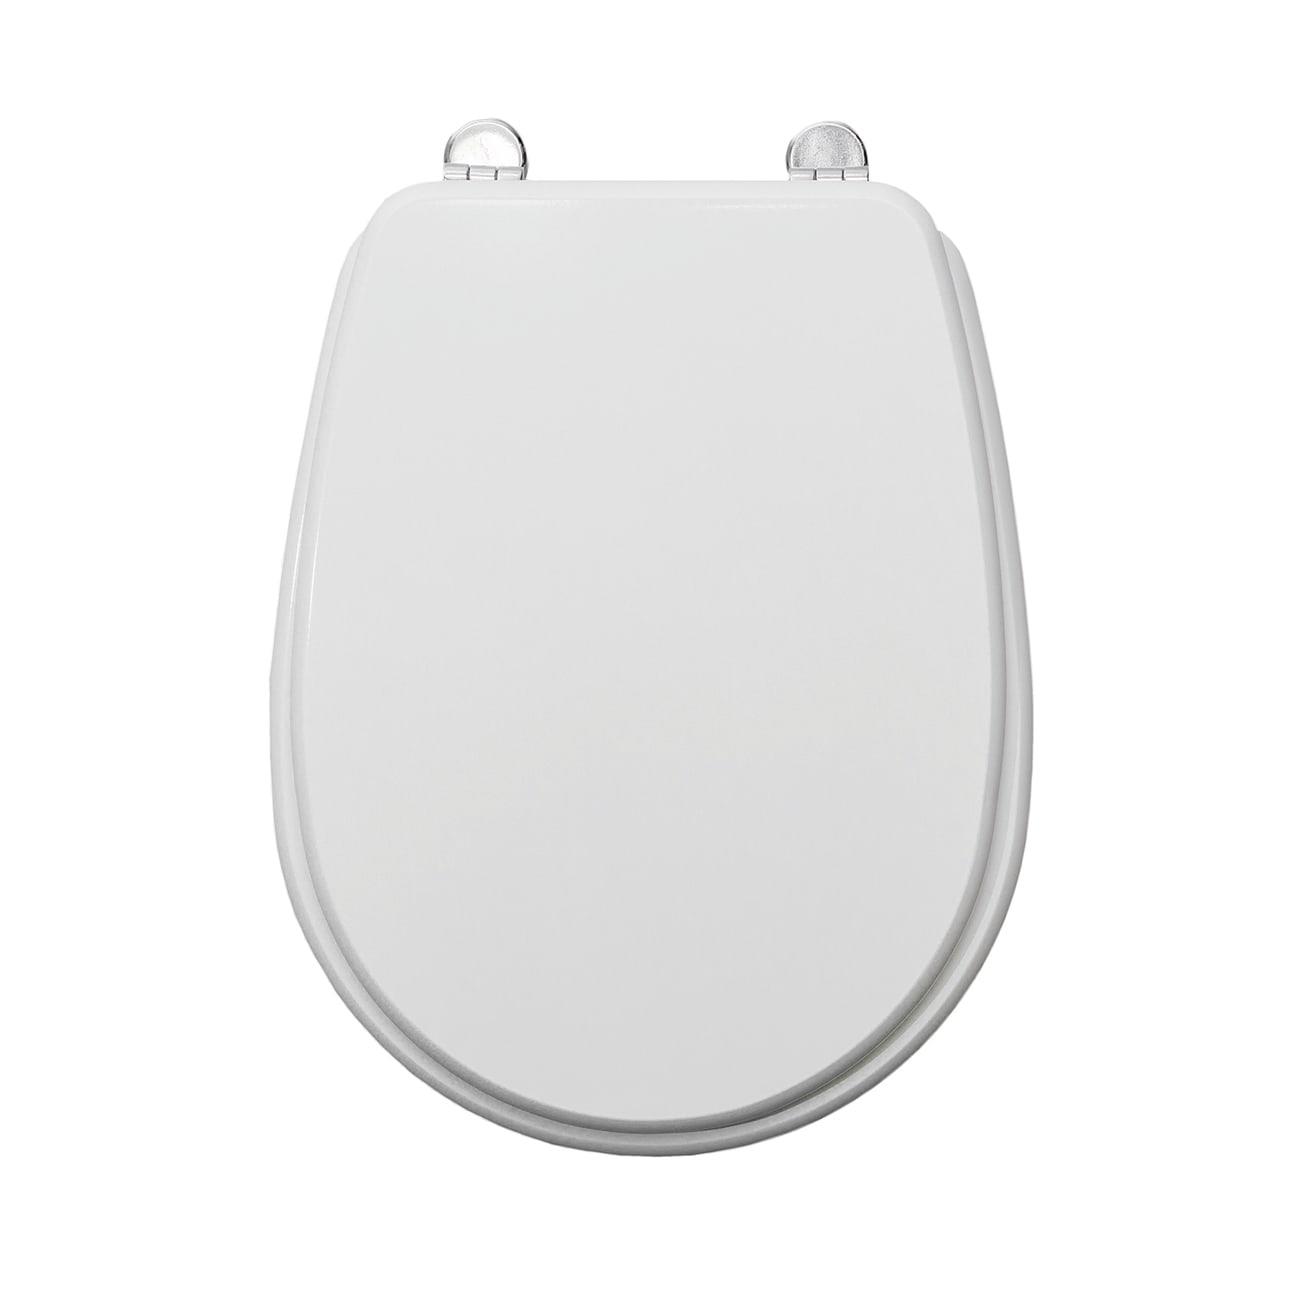 Copriwater Ovale Universale Liuto Mdf Bianco Prezzi E Offerte